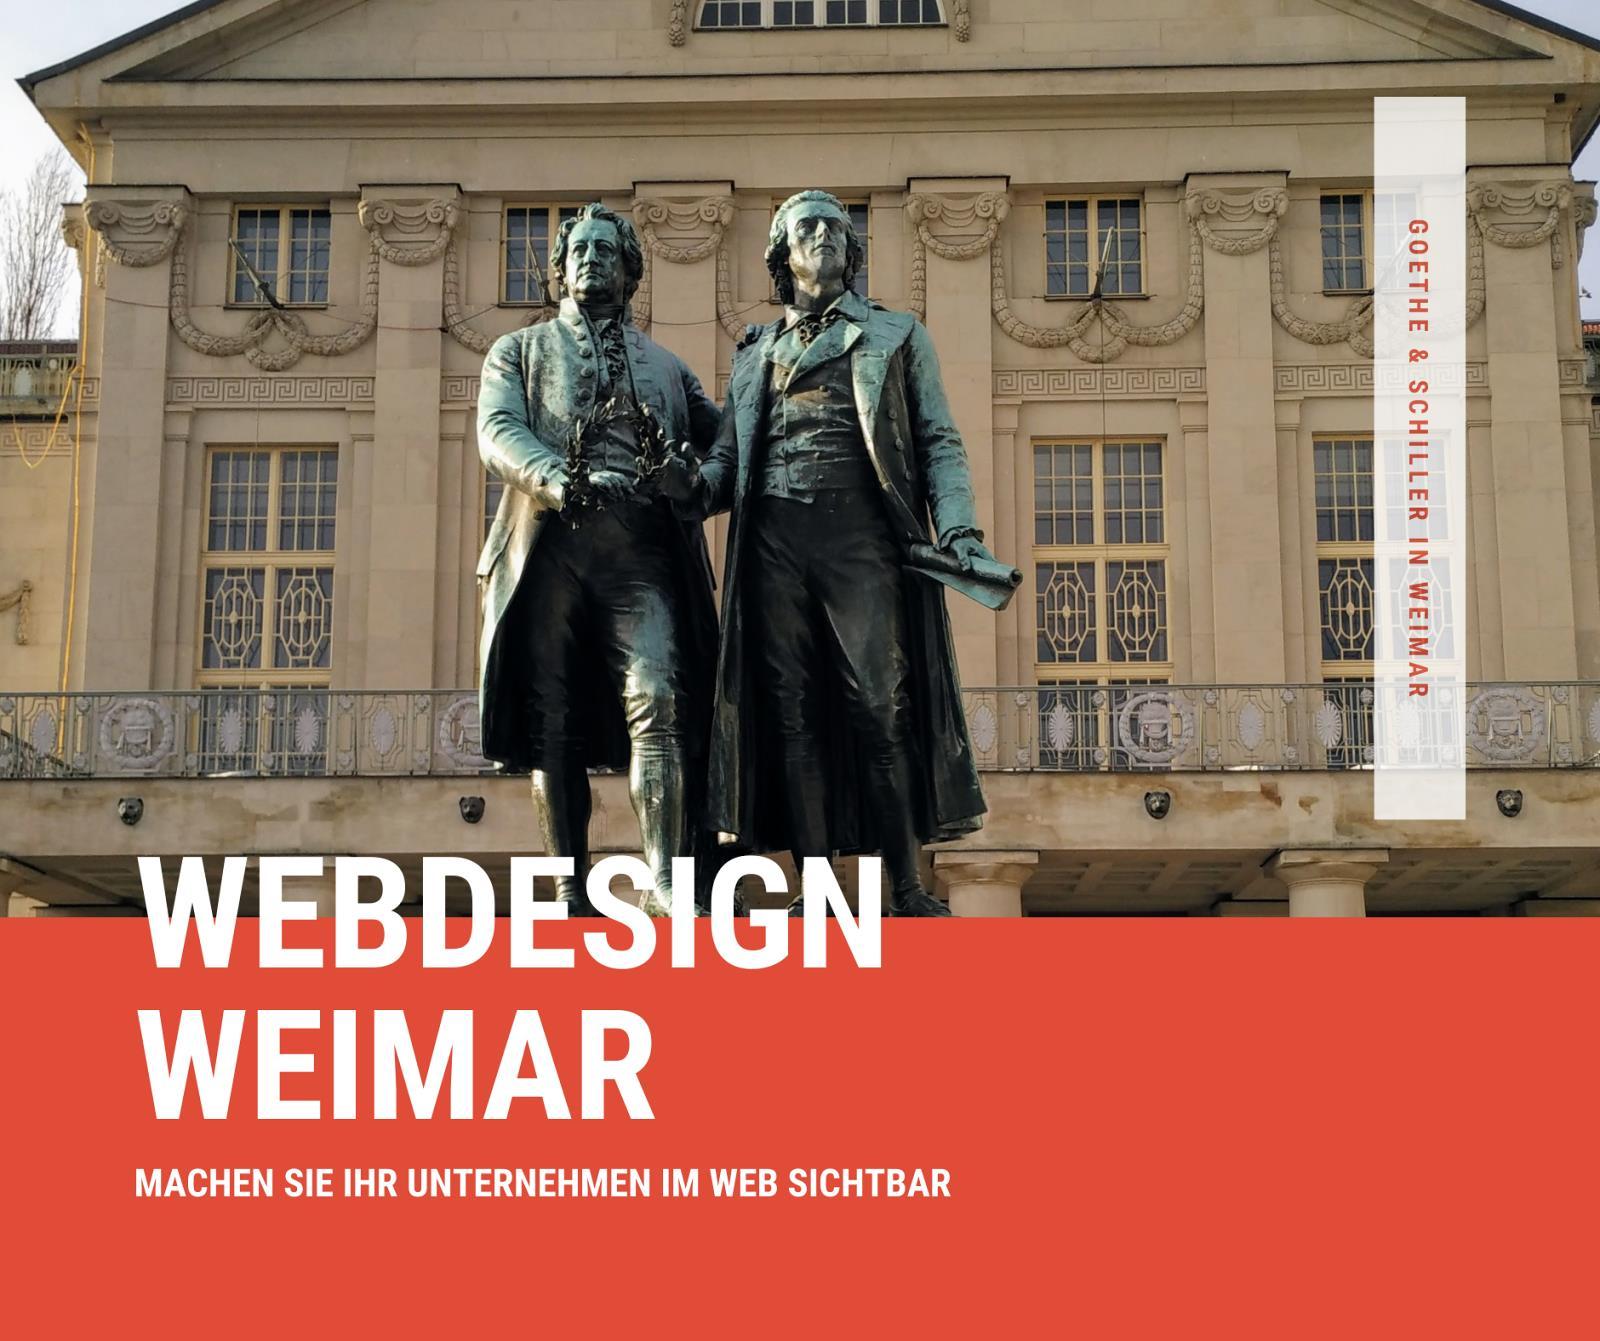 Webdesign Weimar